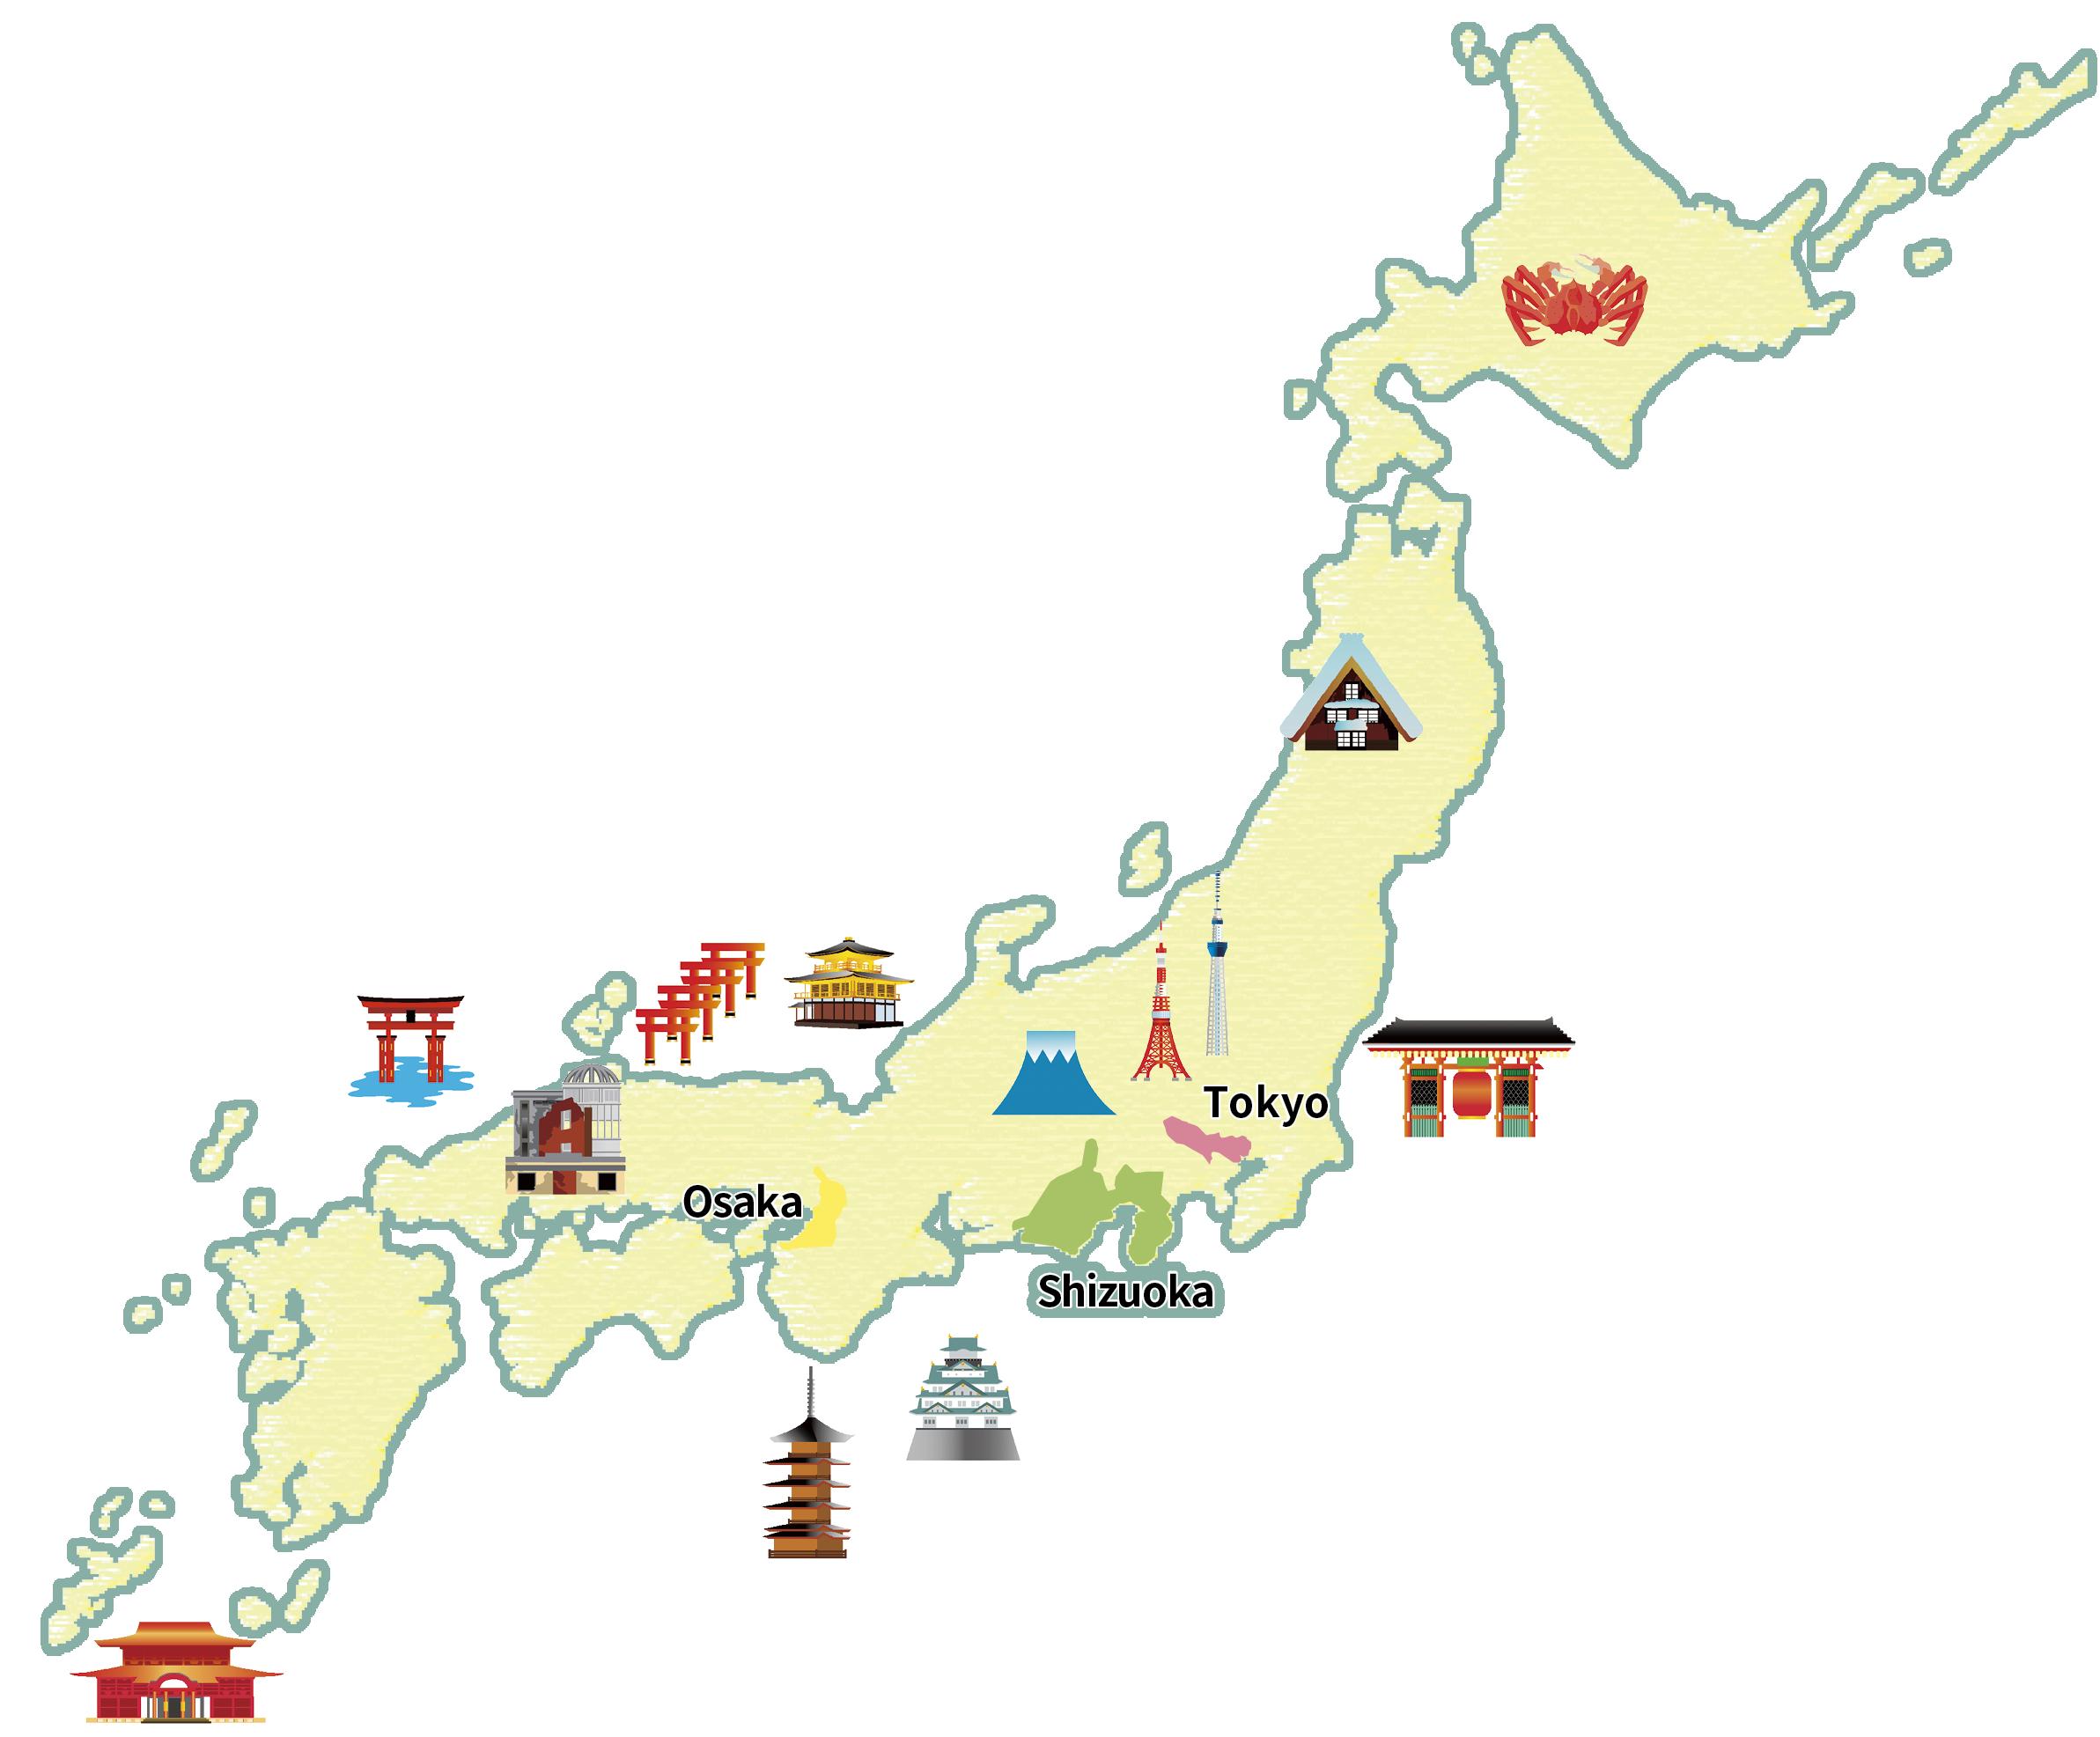 静岡県の位置